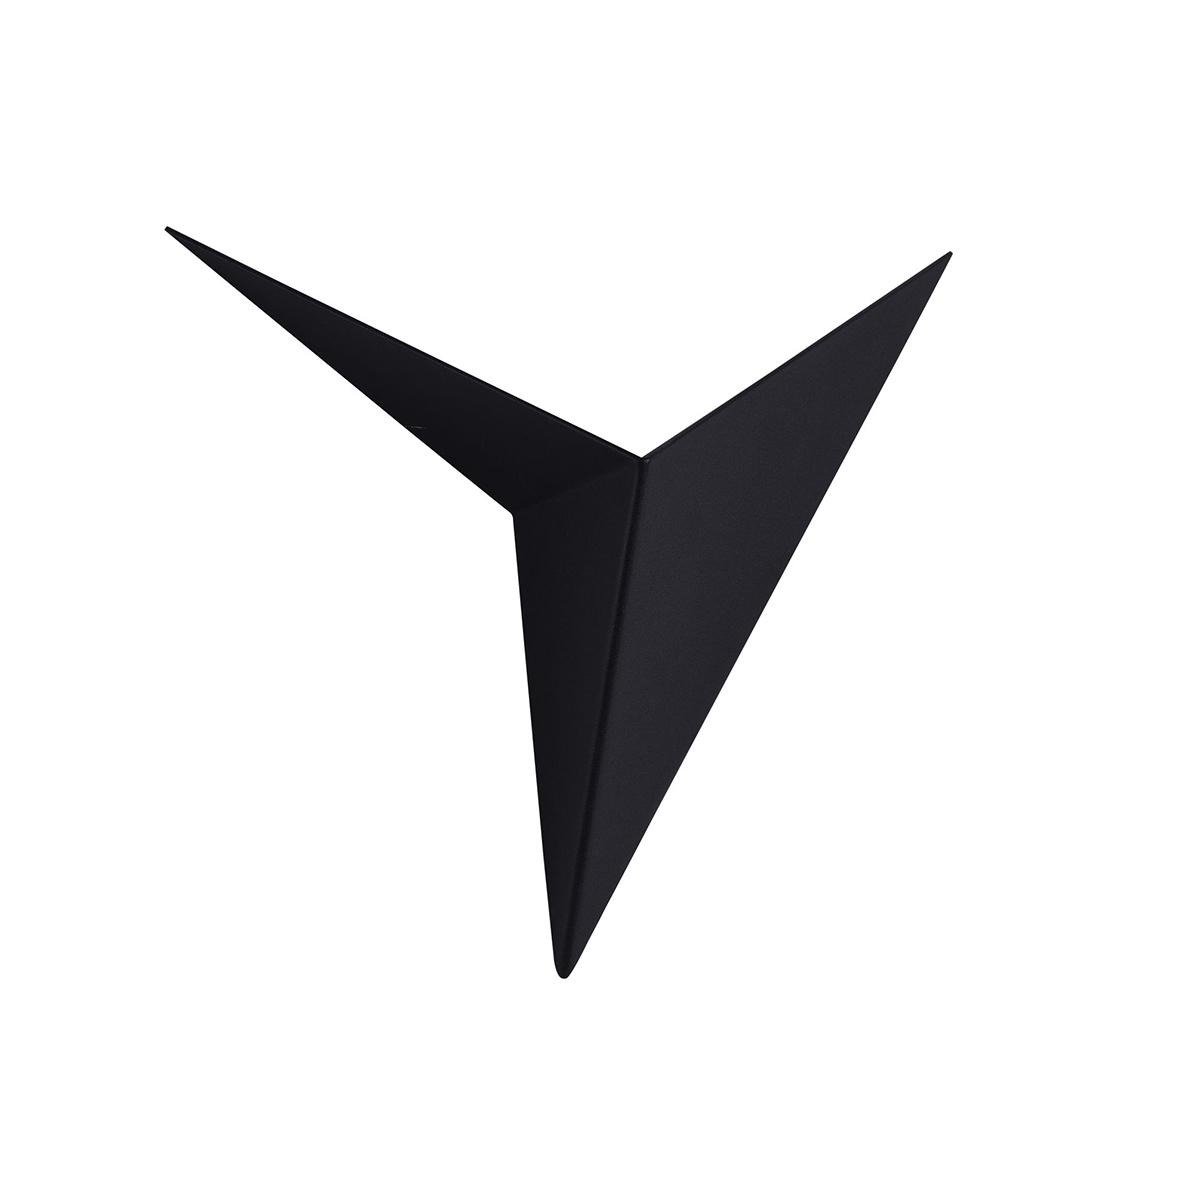 Applique d'extérieur origami en métal noir TRAME